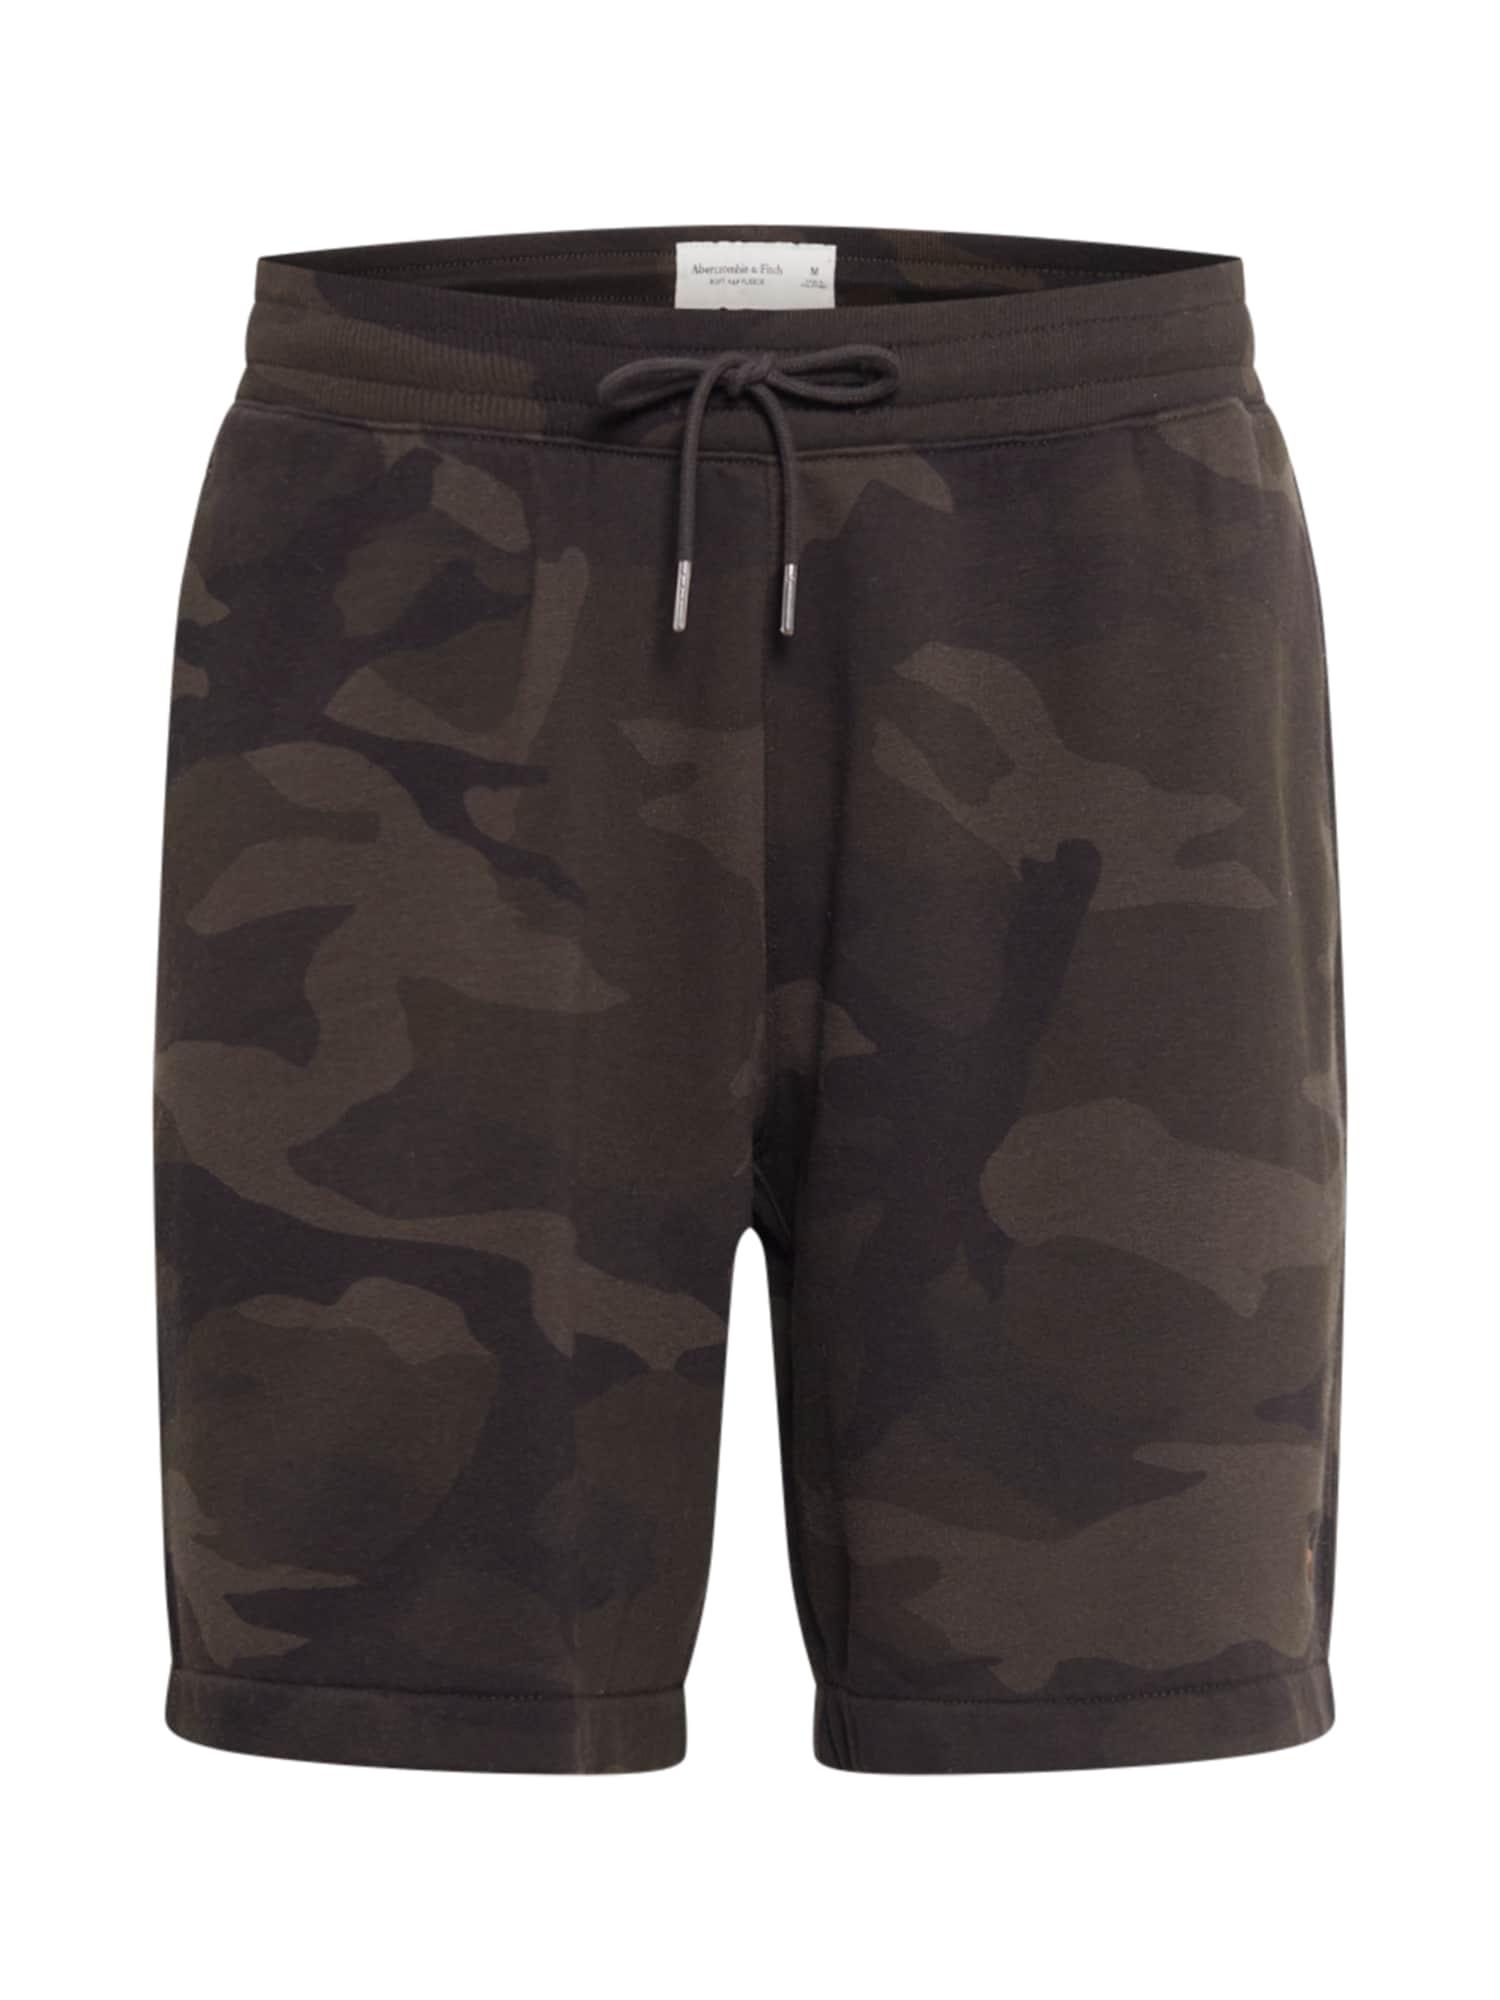 Abercrombie & Fitch Kelnės antracito / tamsiai žalia / alyvuogių spalva